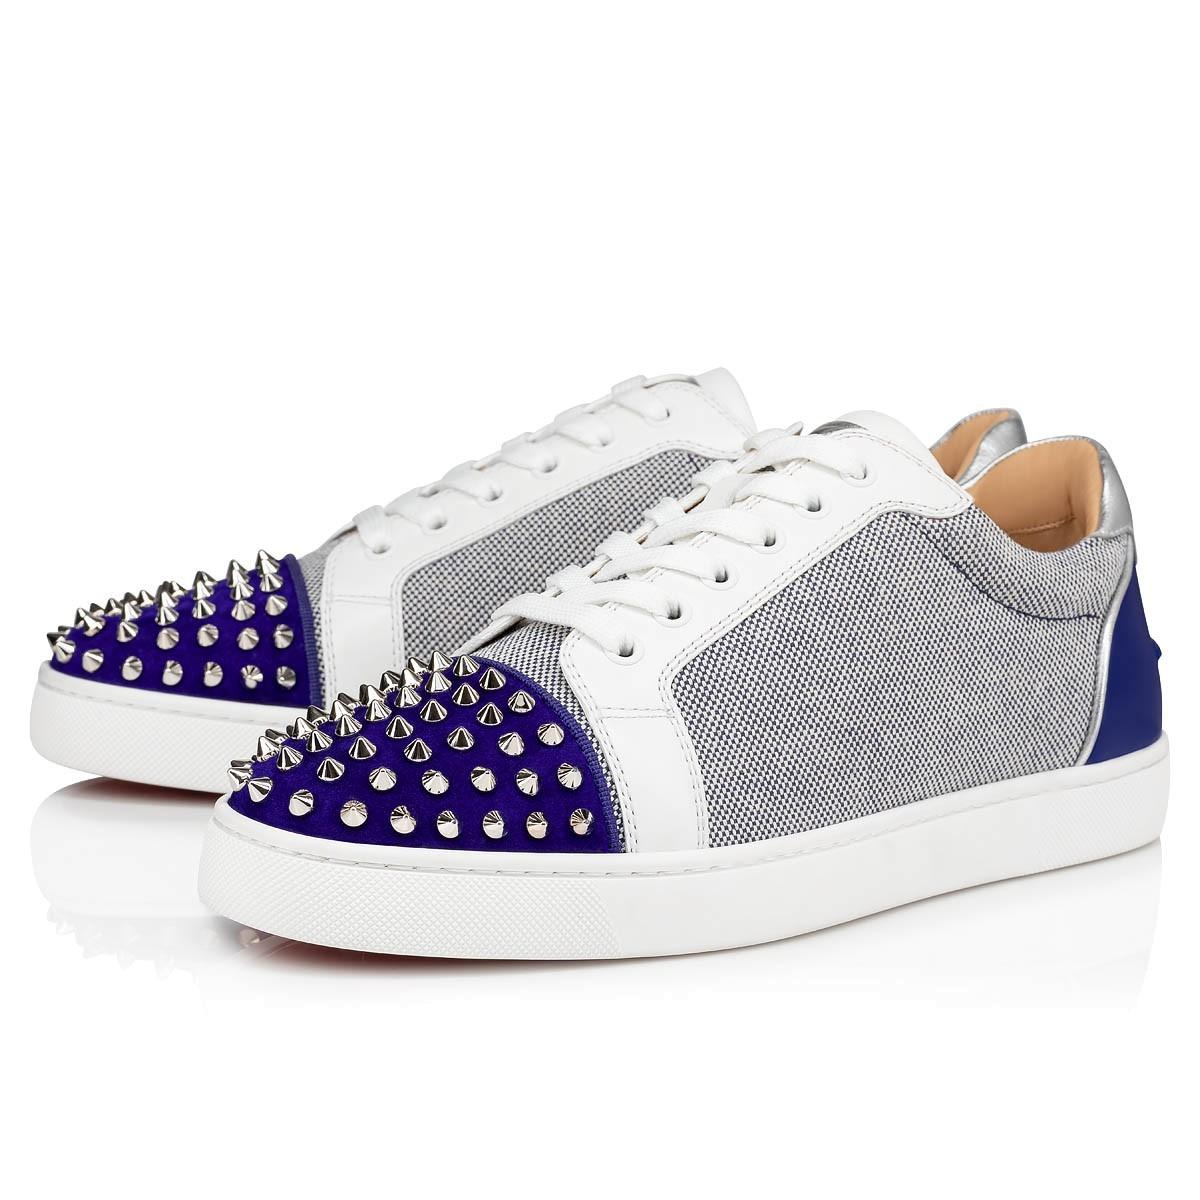 Low Tops BLUE COTTON Shoes